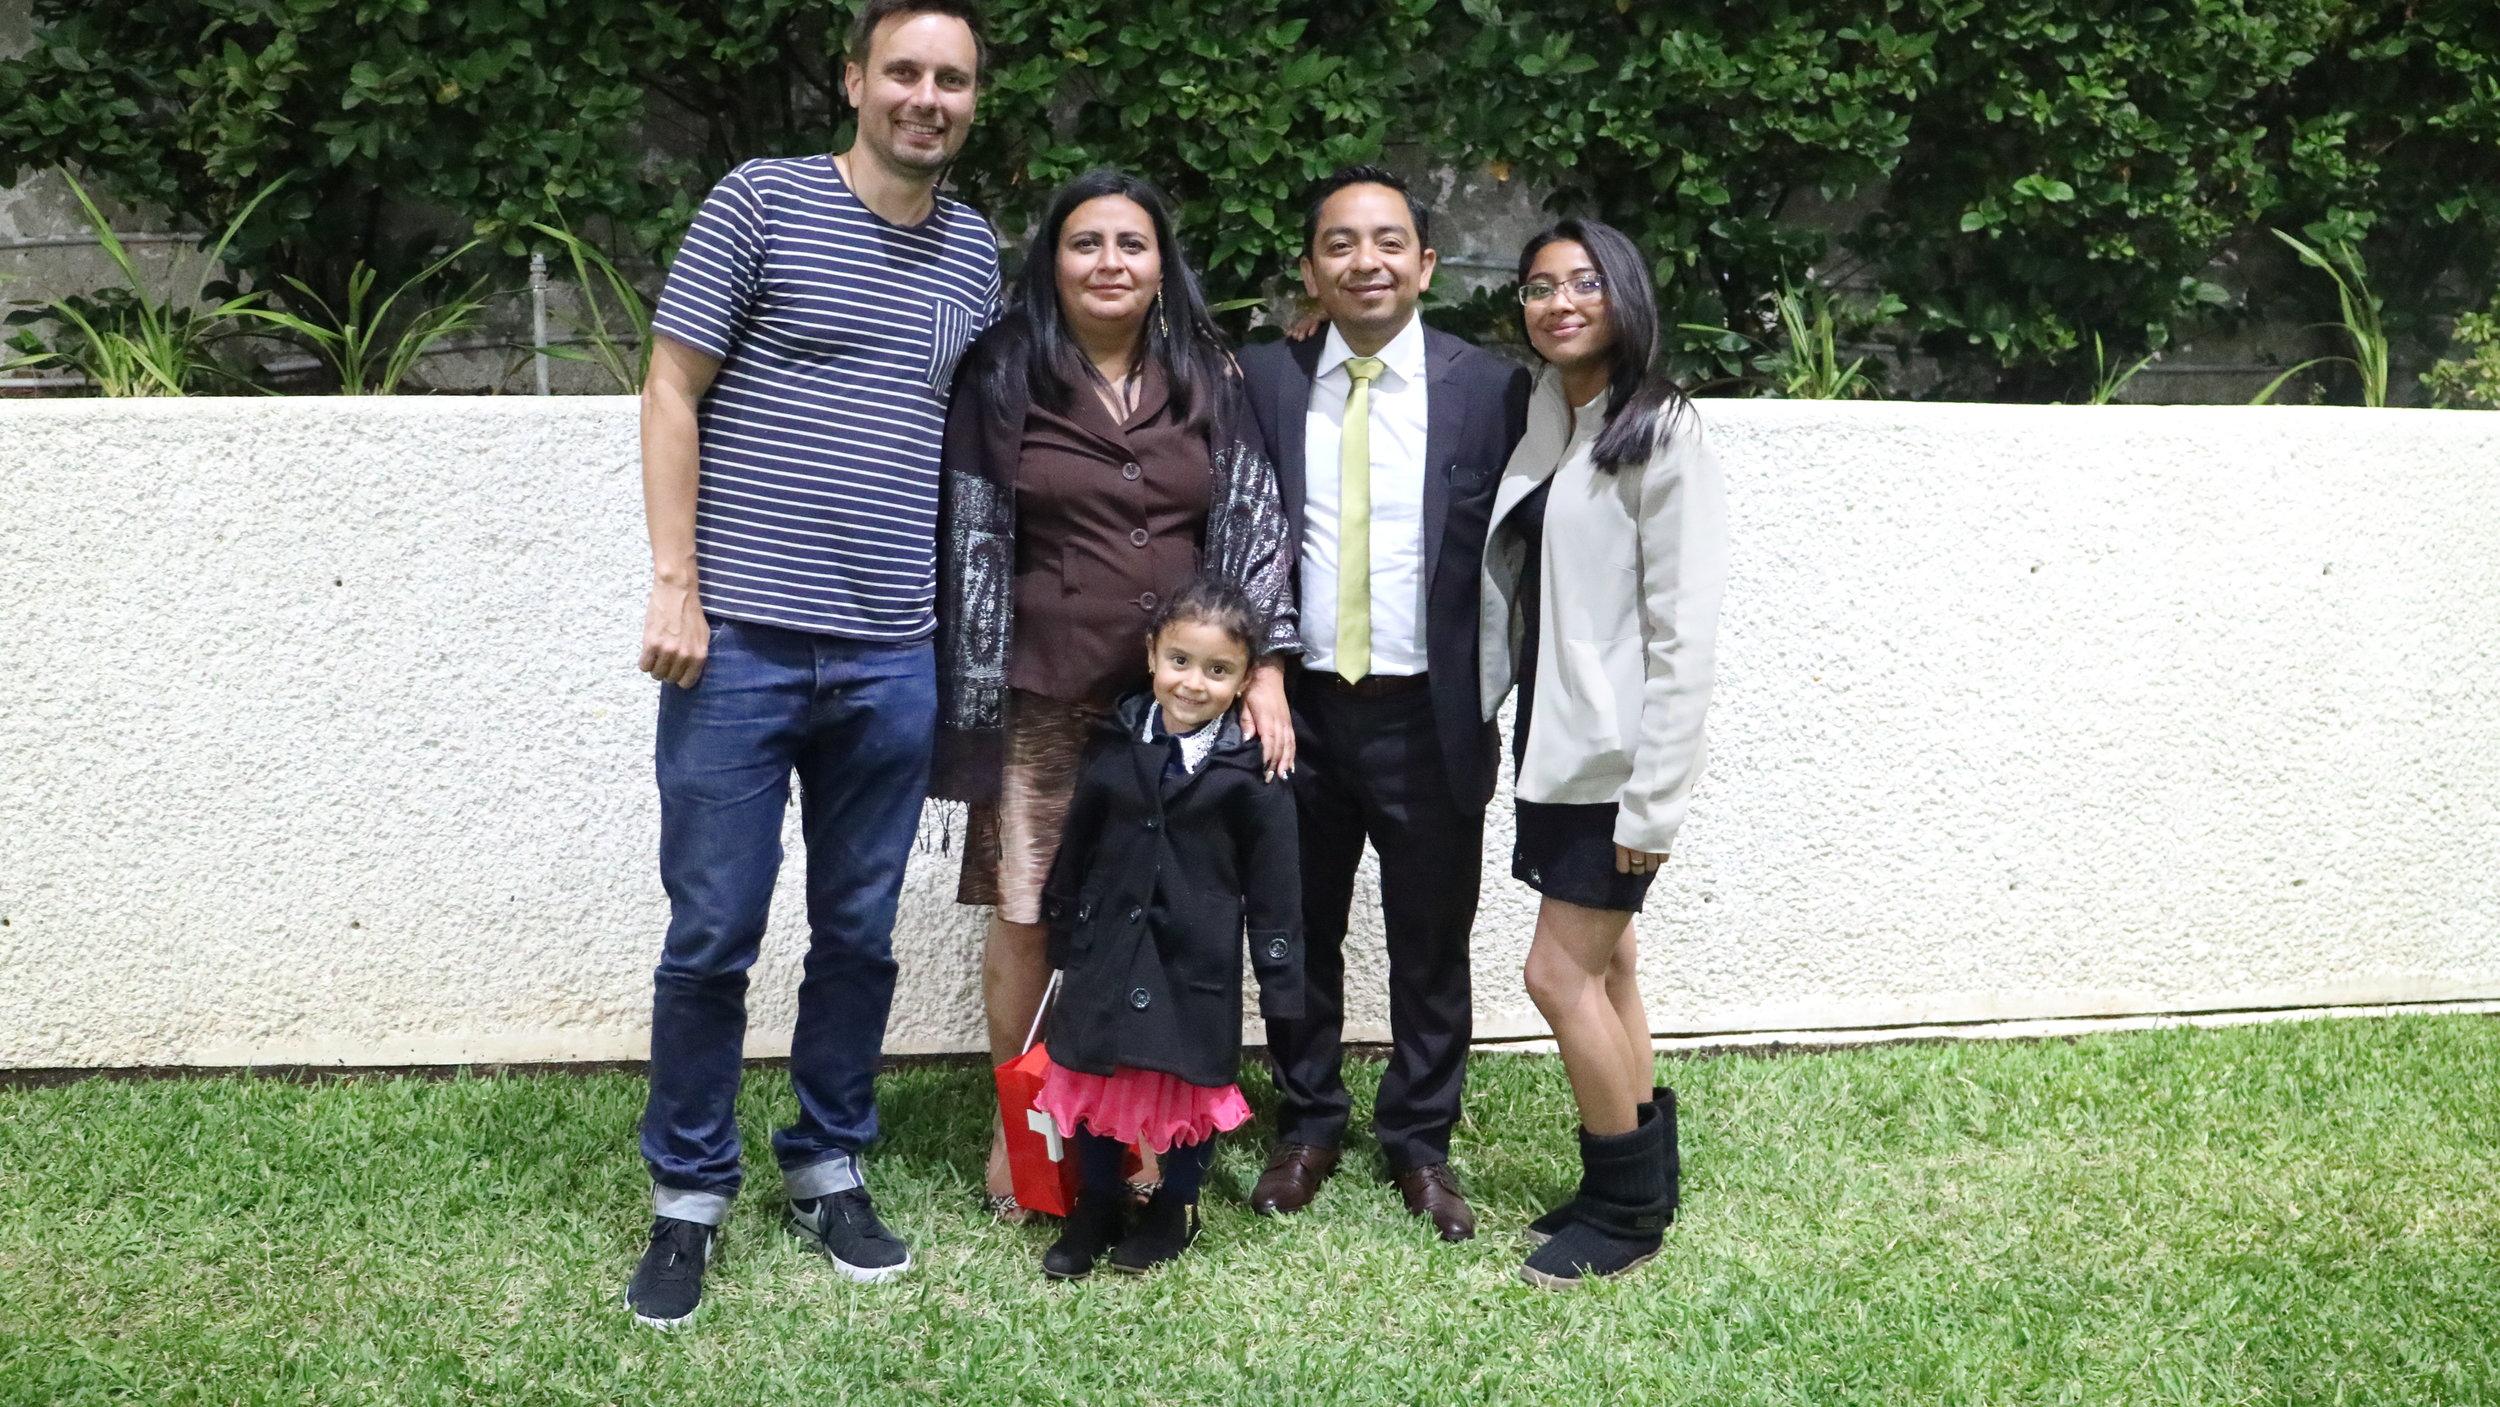 Jean-Cosme, the director of La Prenda, with Karin Gramajo Lopez, Rodolfo Diaz, Maria José Gramajo and 4-year-old Maria Fernanda Gramajo